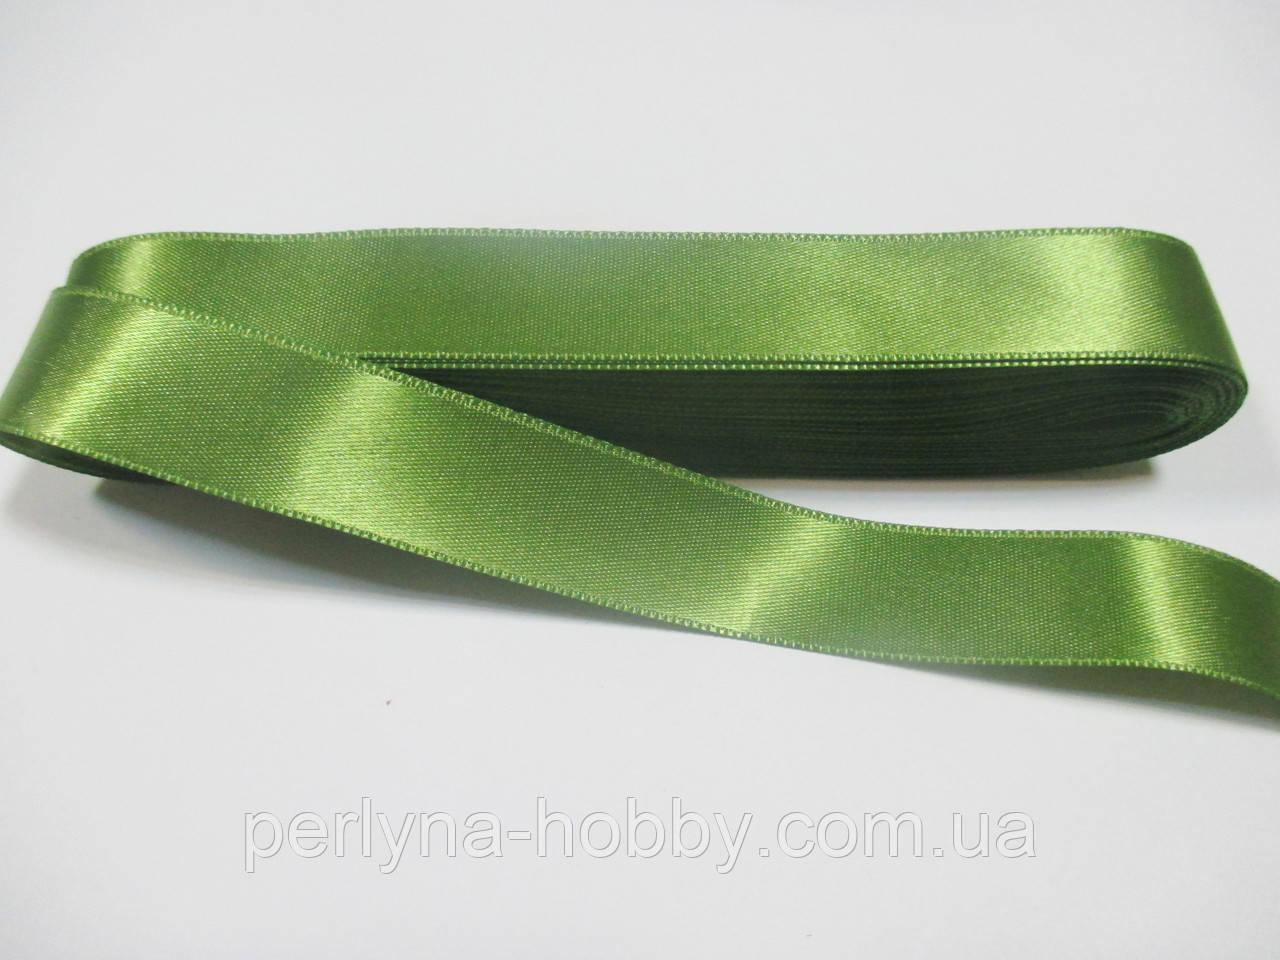 Стрічка атласна  двостороння 2 см Лента атласная двухсторонняя.( 10 метрів) зелена Н-02-72